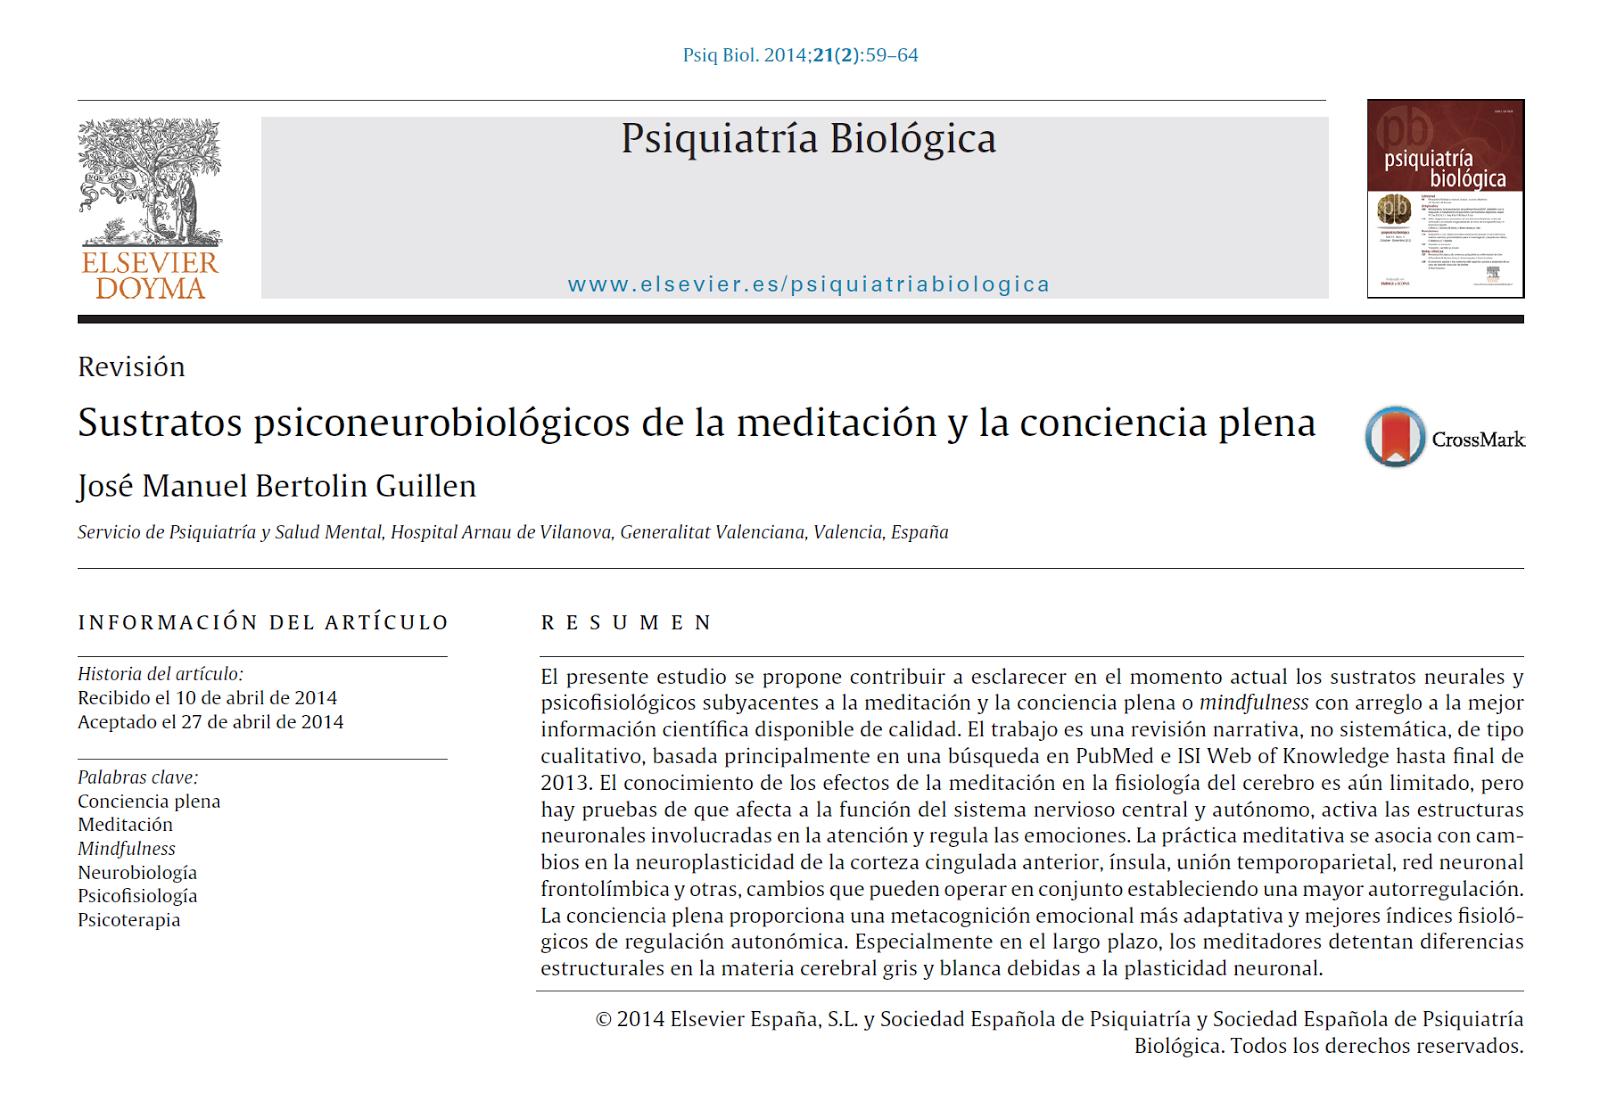 http://zl.elsevier.es/es/revista/psiquiatria-biologica-46/articulo/sustratos-psiconeurobiologicos-meditacion-conciencia-plena-90338095